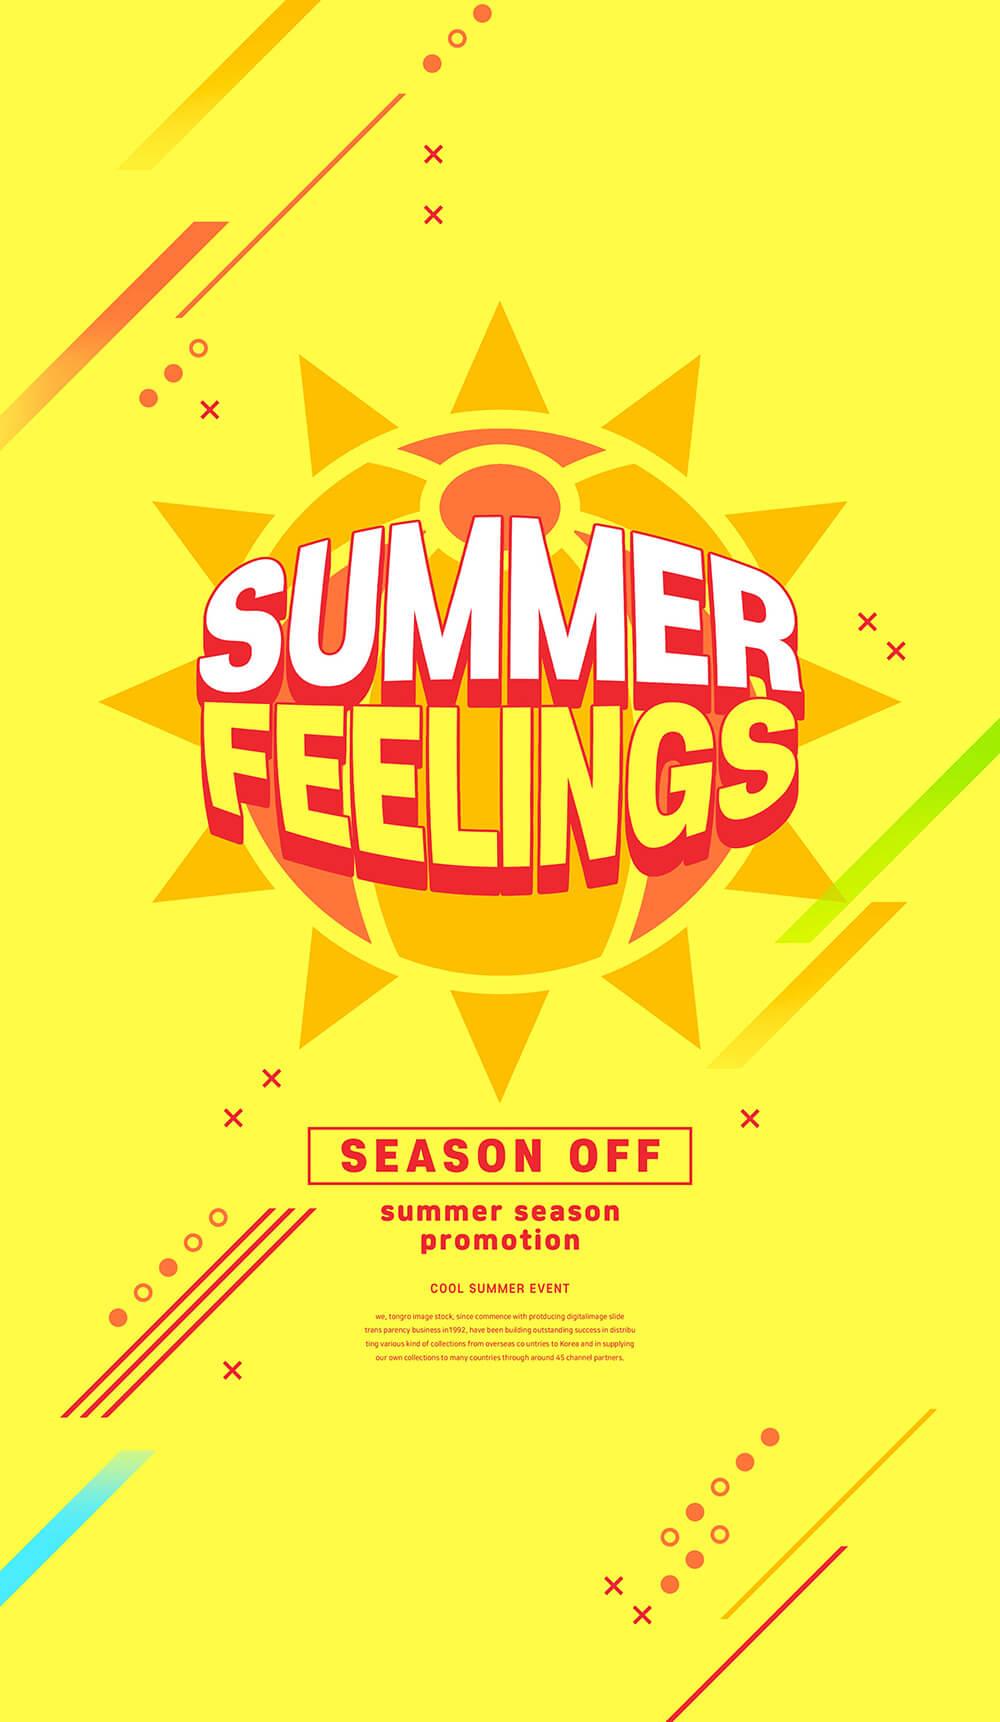 时尚创意黄色太阳夏季活动海报设计模板designshidai_haibao58